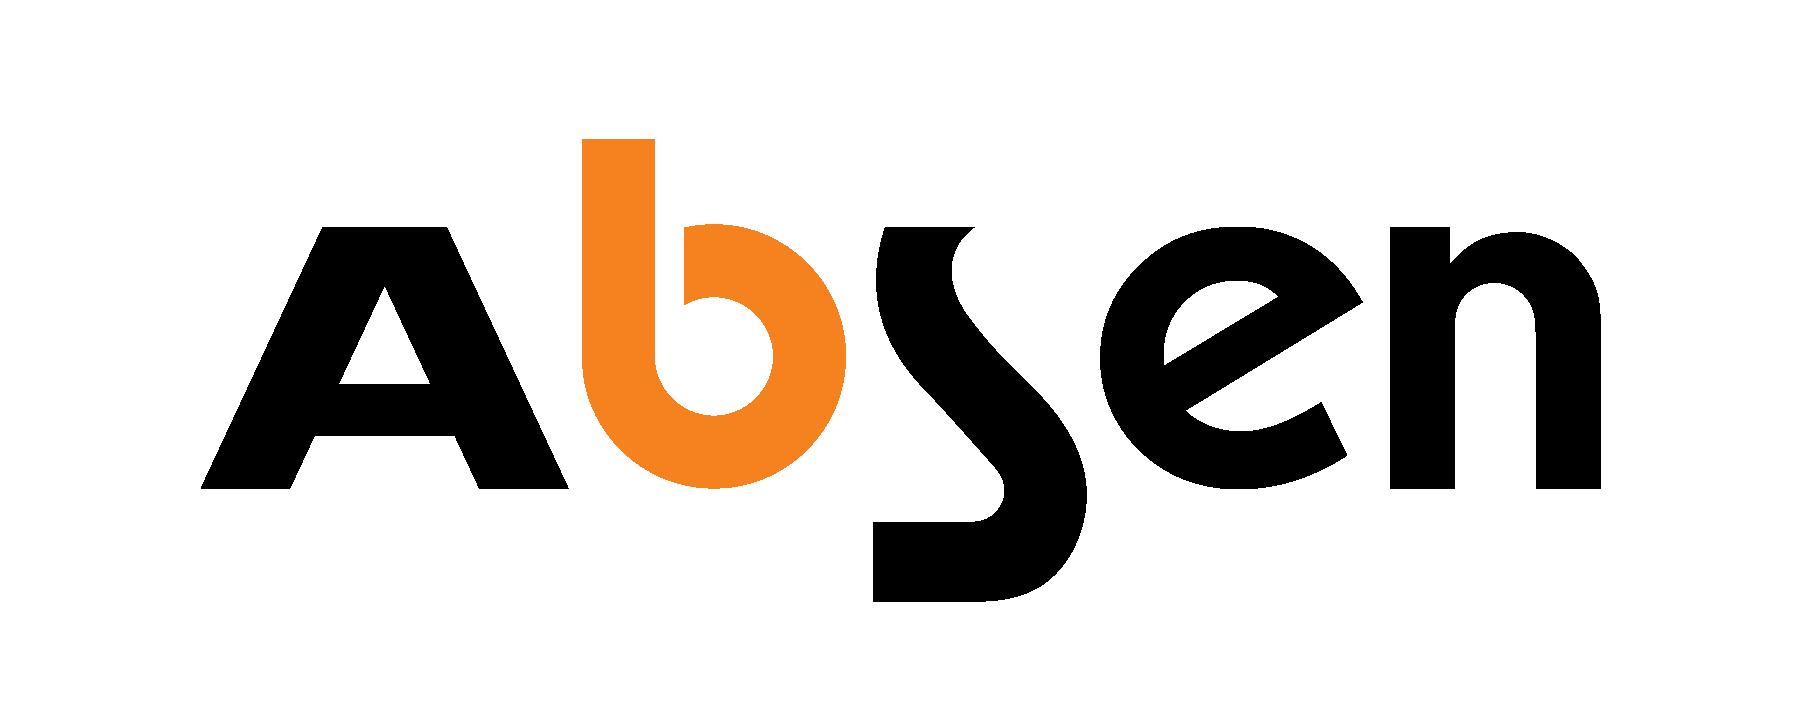 Absen_logo-1